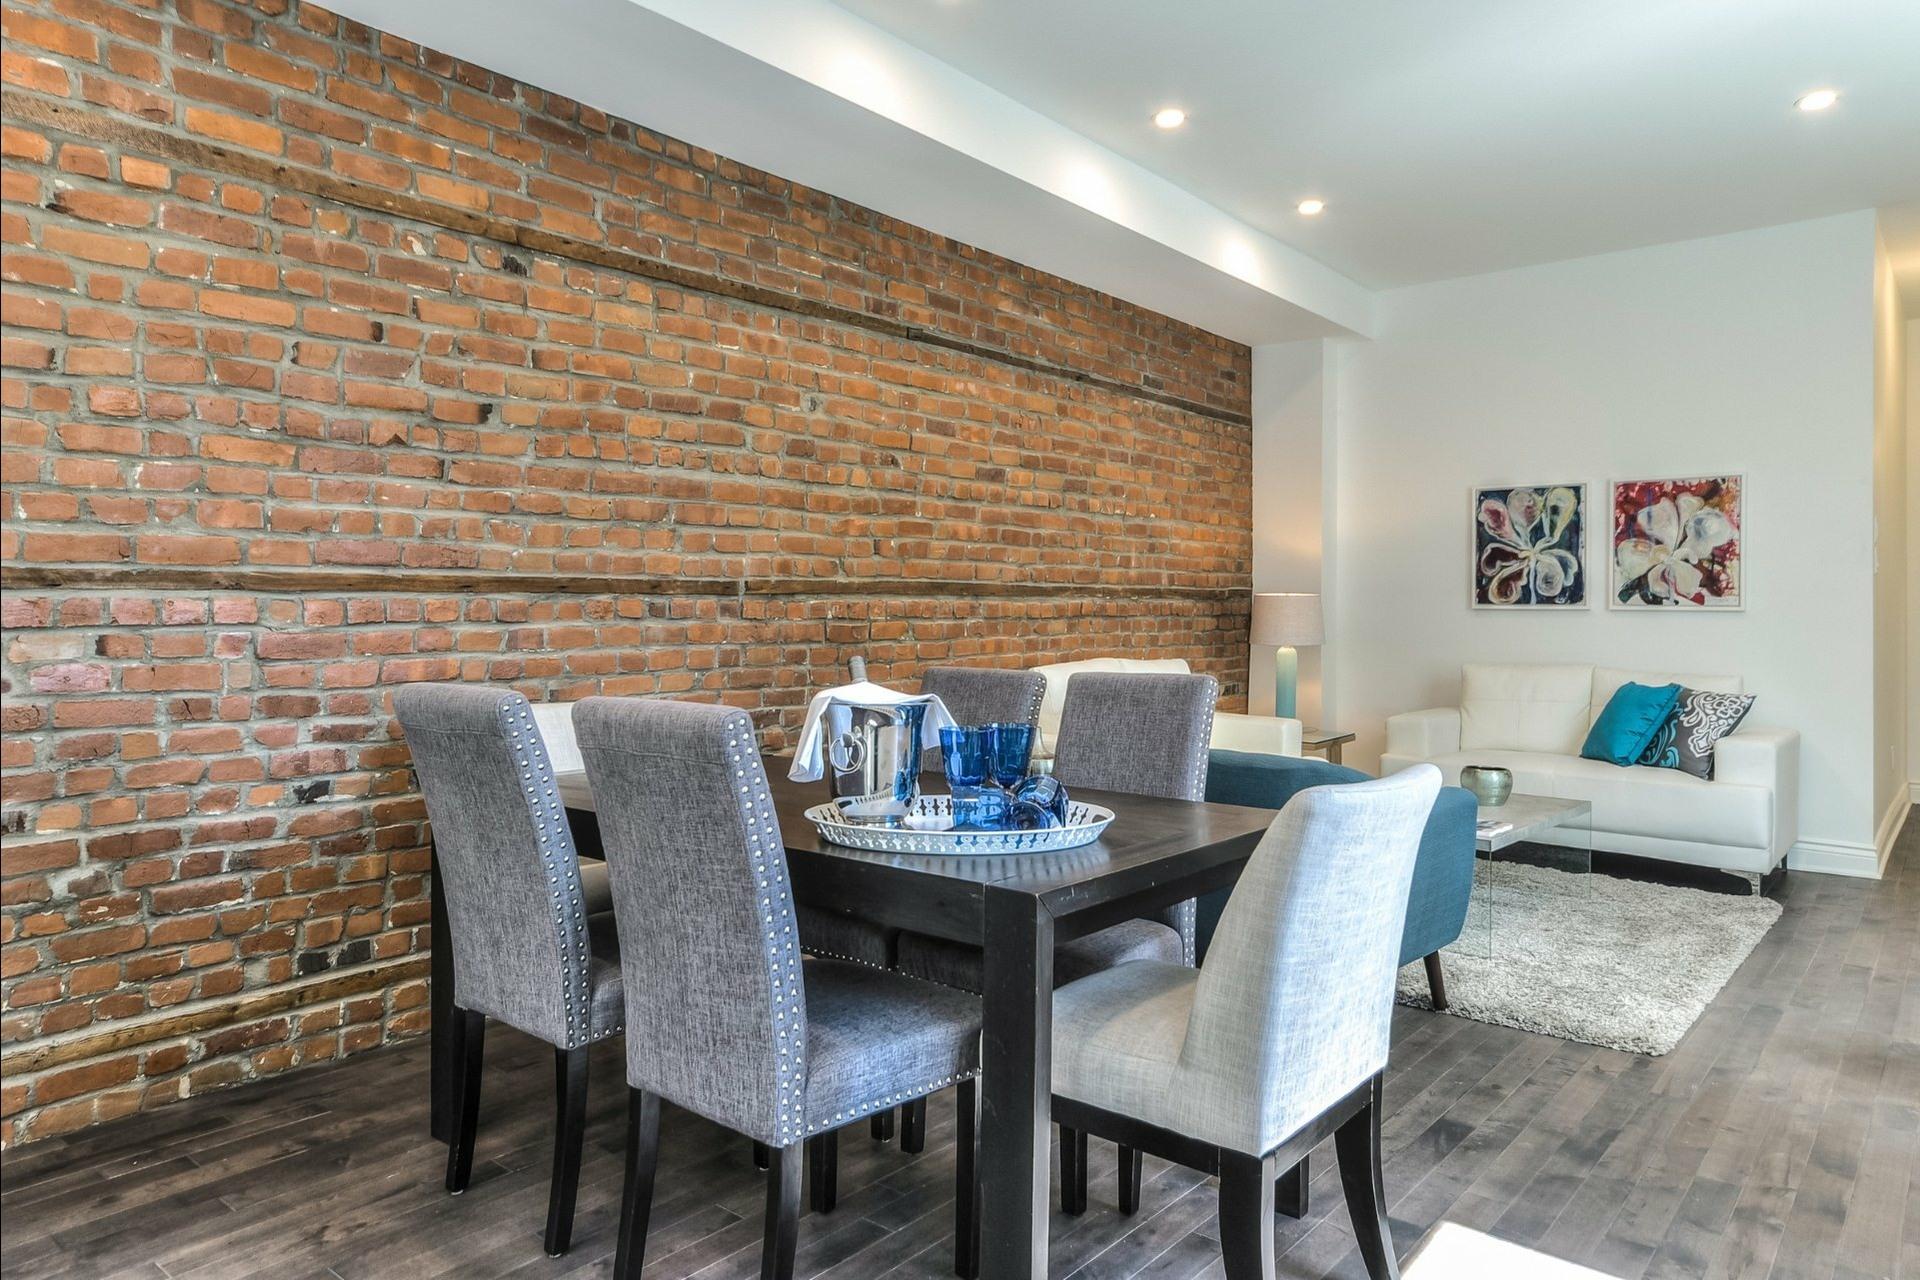 image 3 - Appartement À louer Montréal Le Plateau-Mont-Royal  - 7 pièces